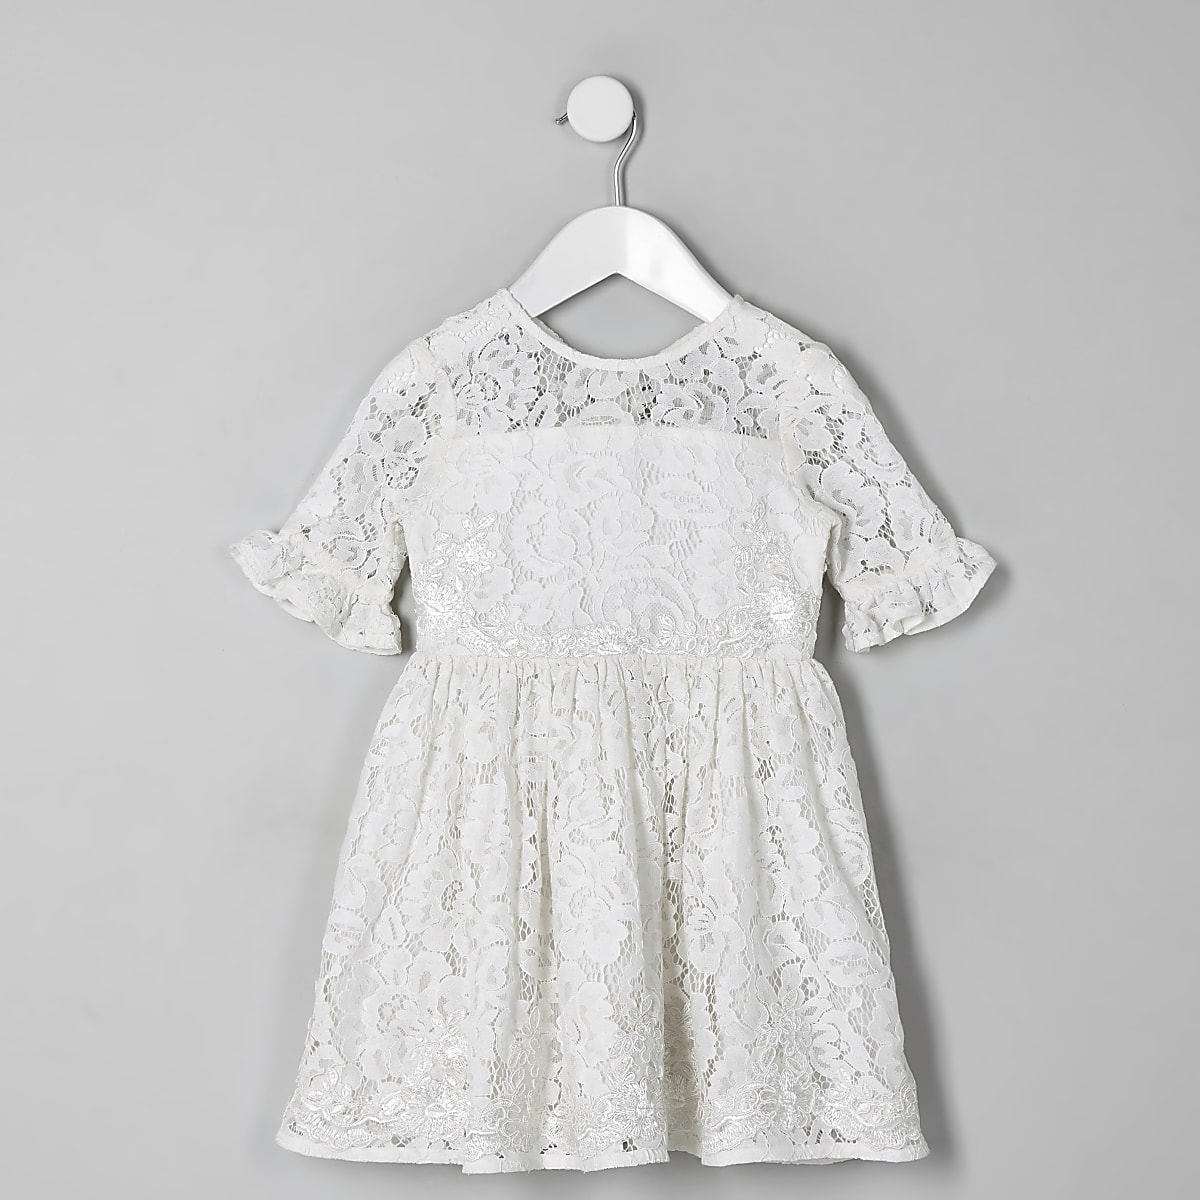 Mini - Witte kanten jurk met strik aan de achterkant voor meisjes